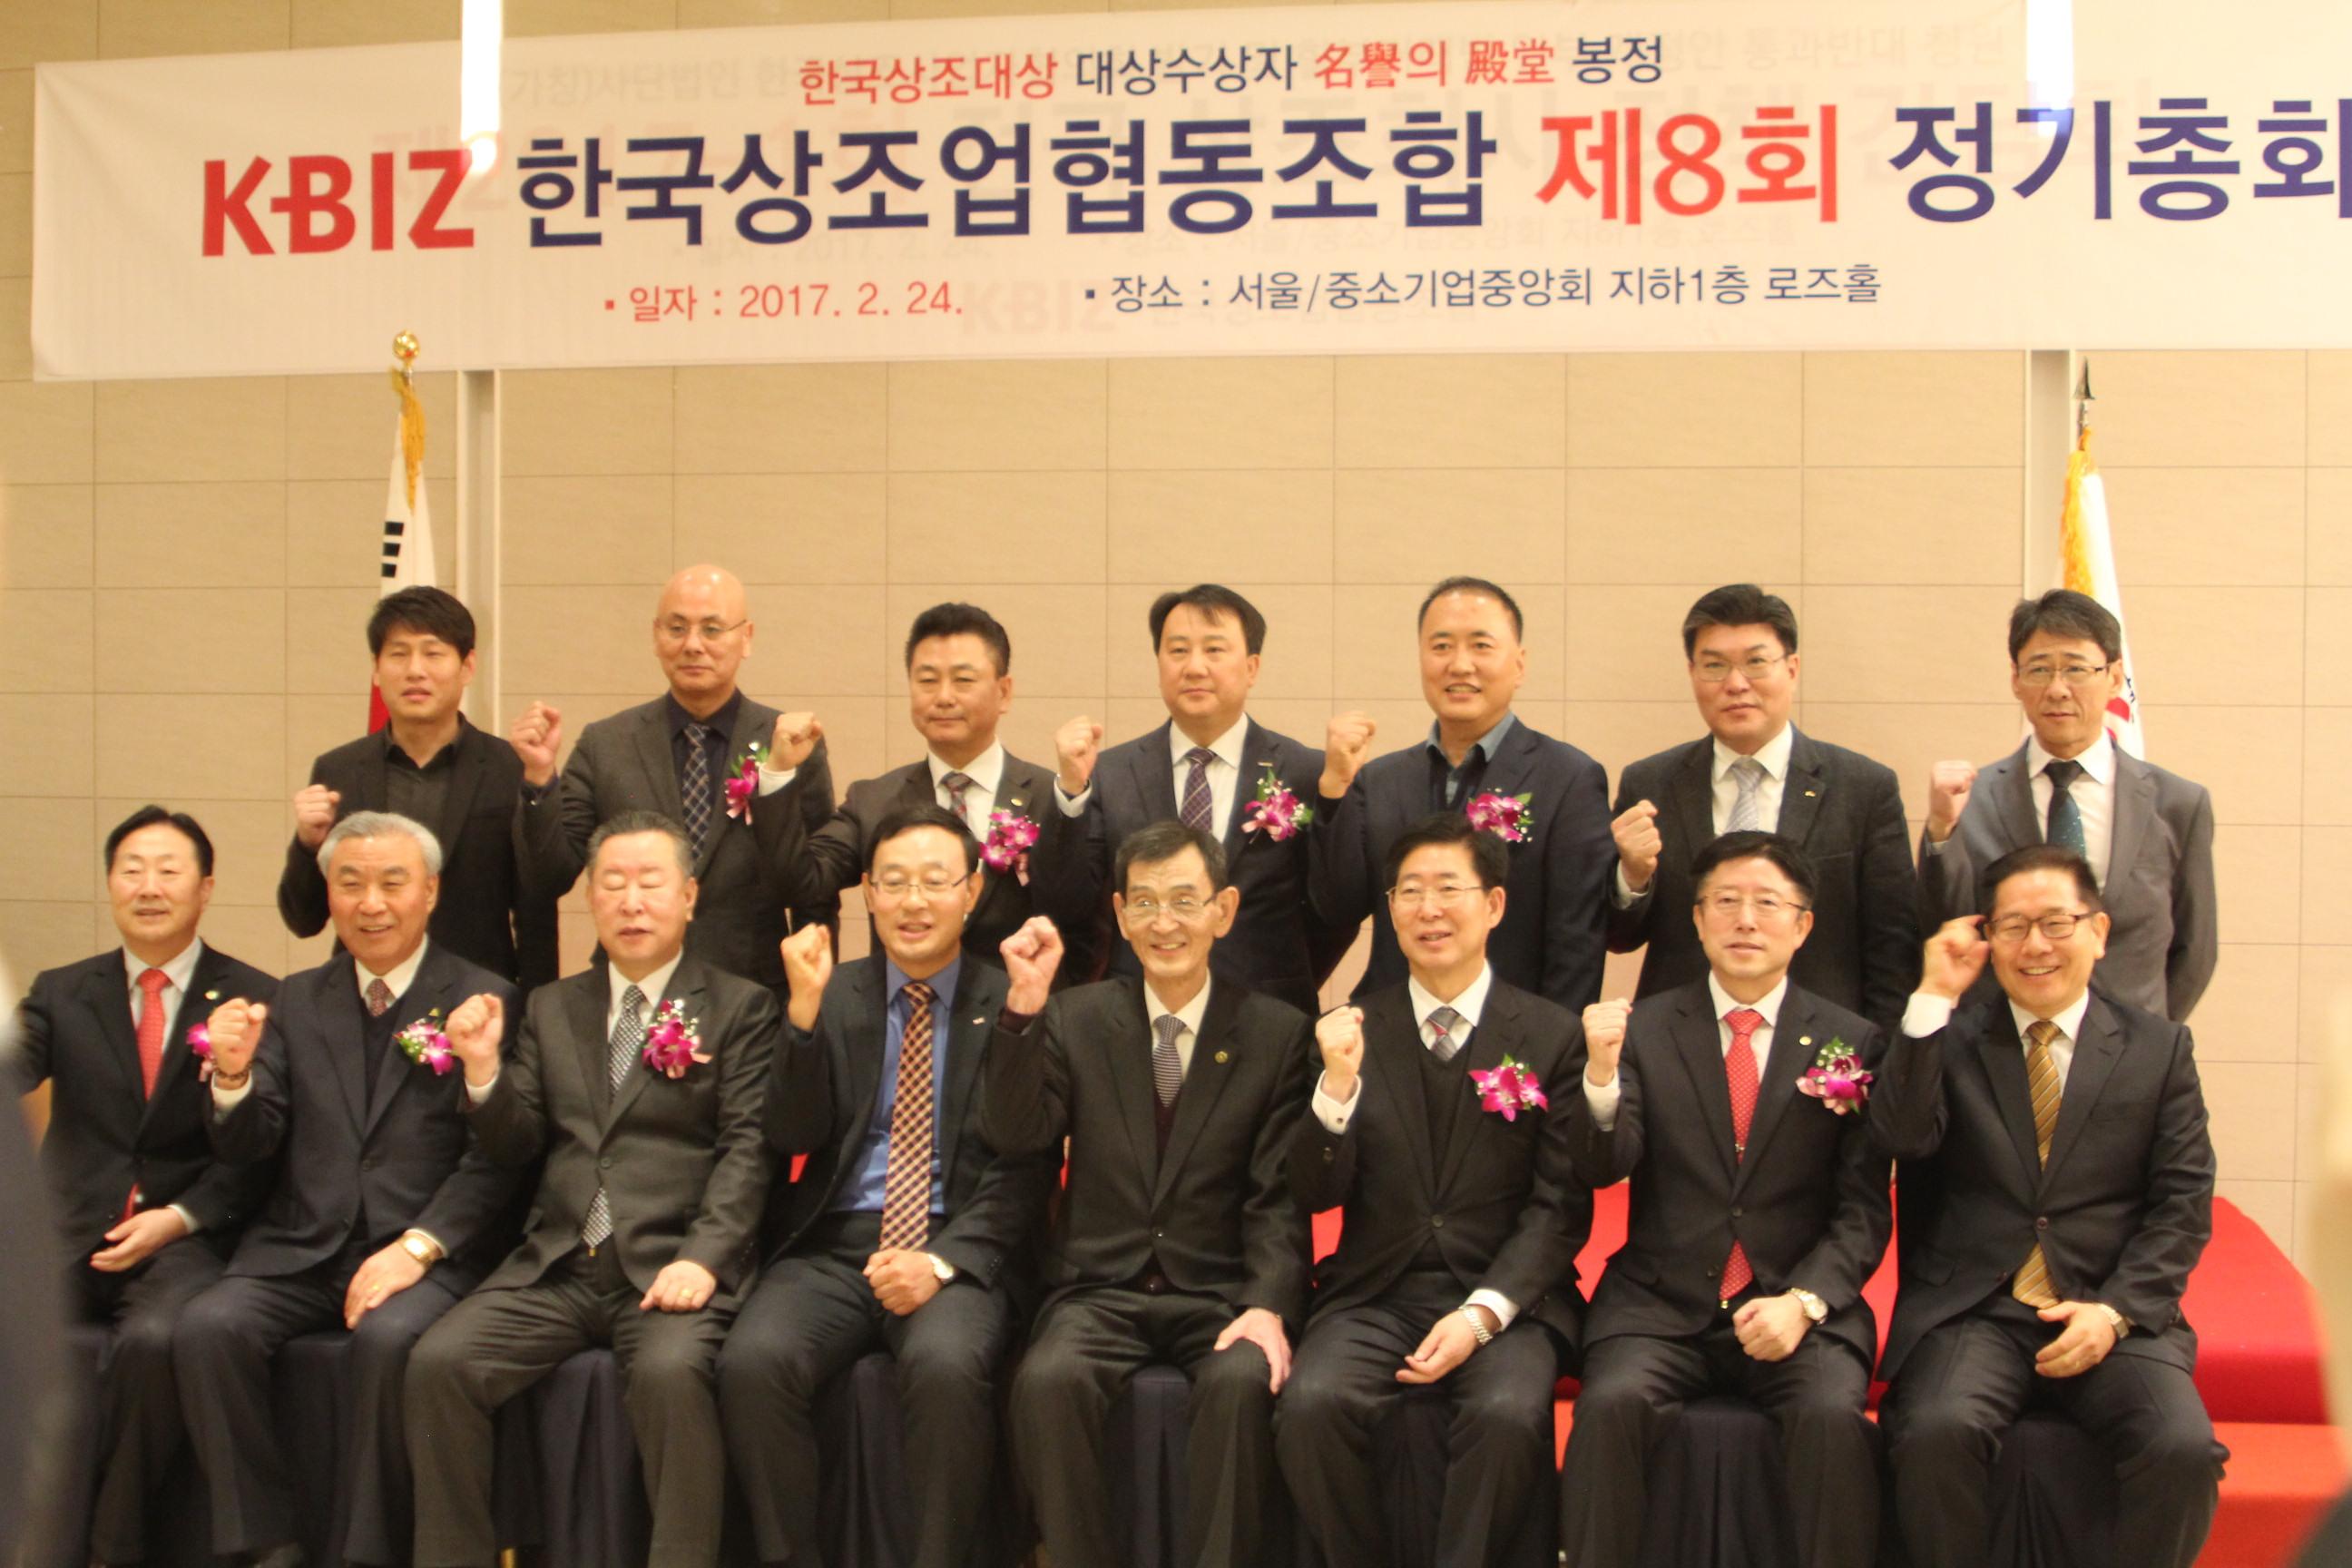 대한노인회 YOURLIFE 박남희 단장, 중소기업중앙회장 표창 수상